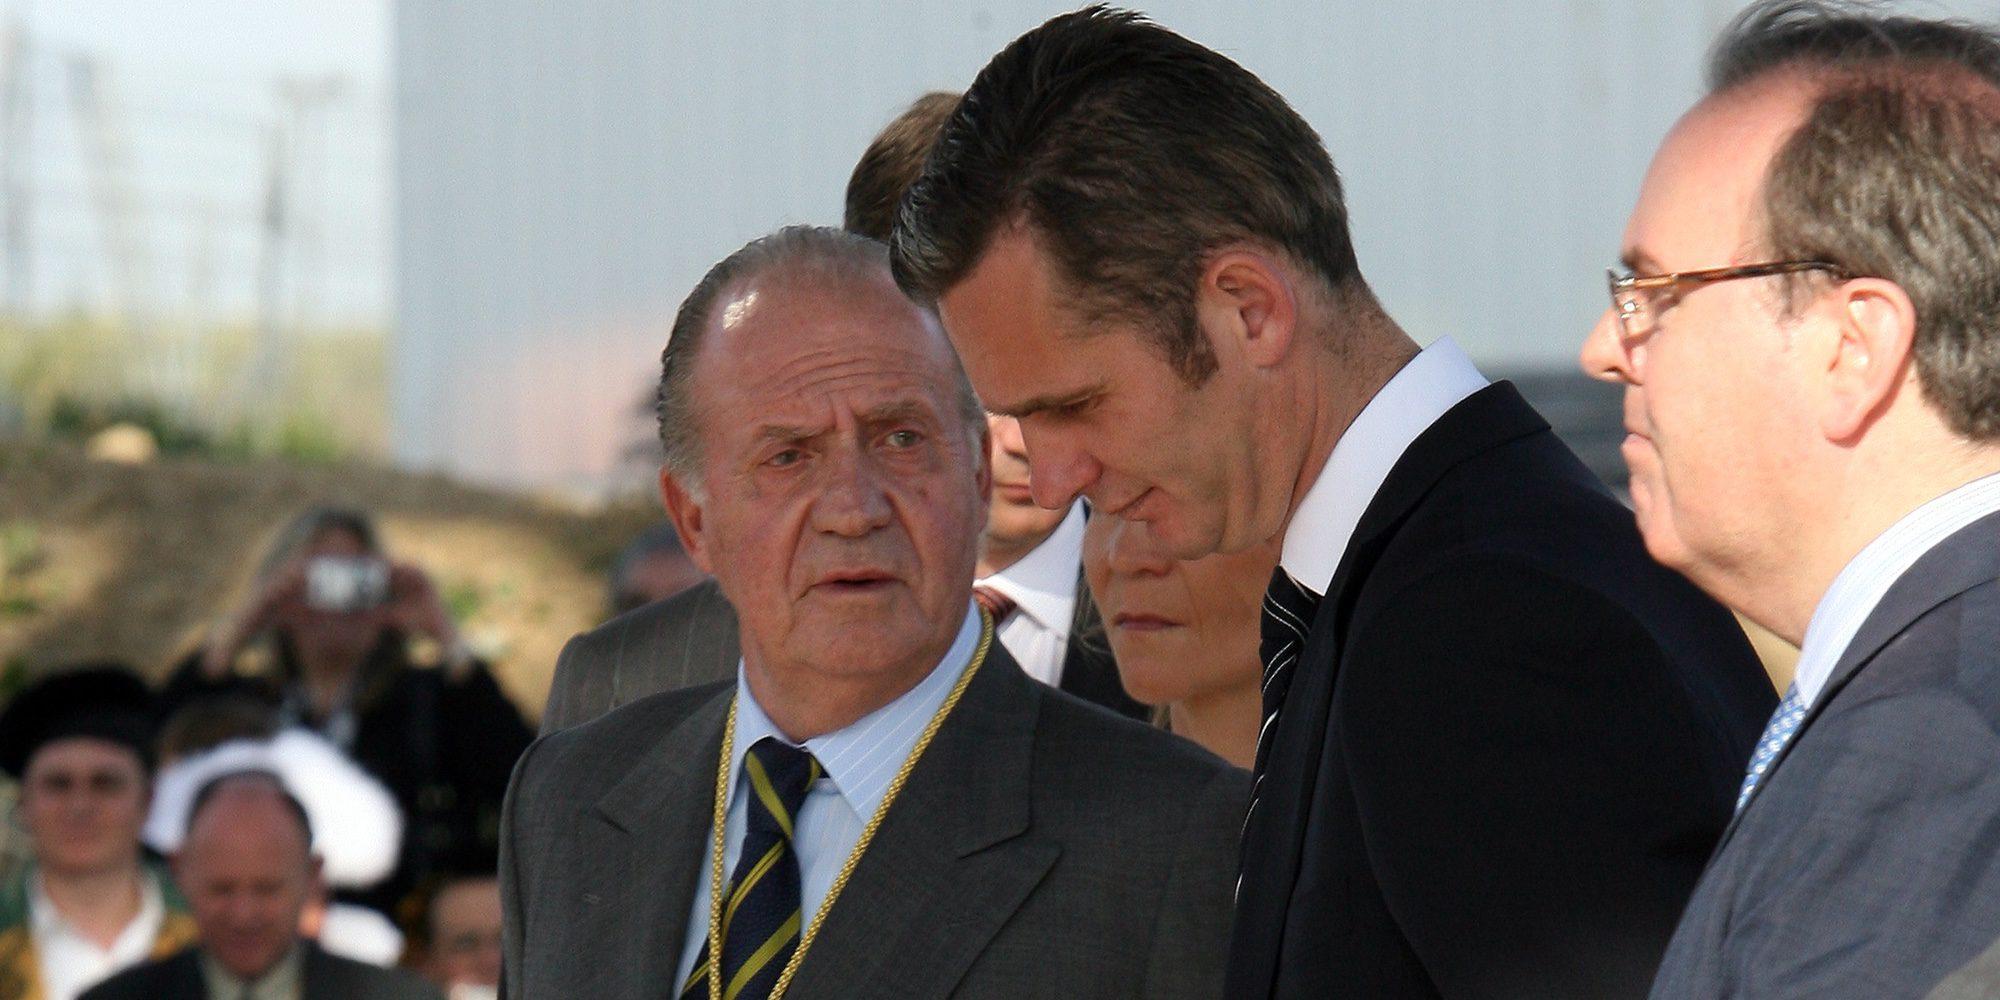 El Rey Juan Carlos, el invitado inesperado en el 50 cumpleaños de Iñaki Urdangarin